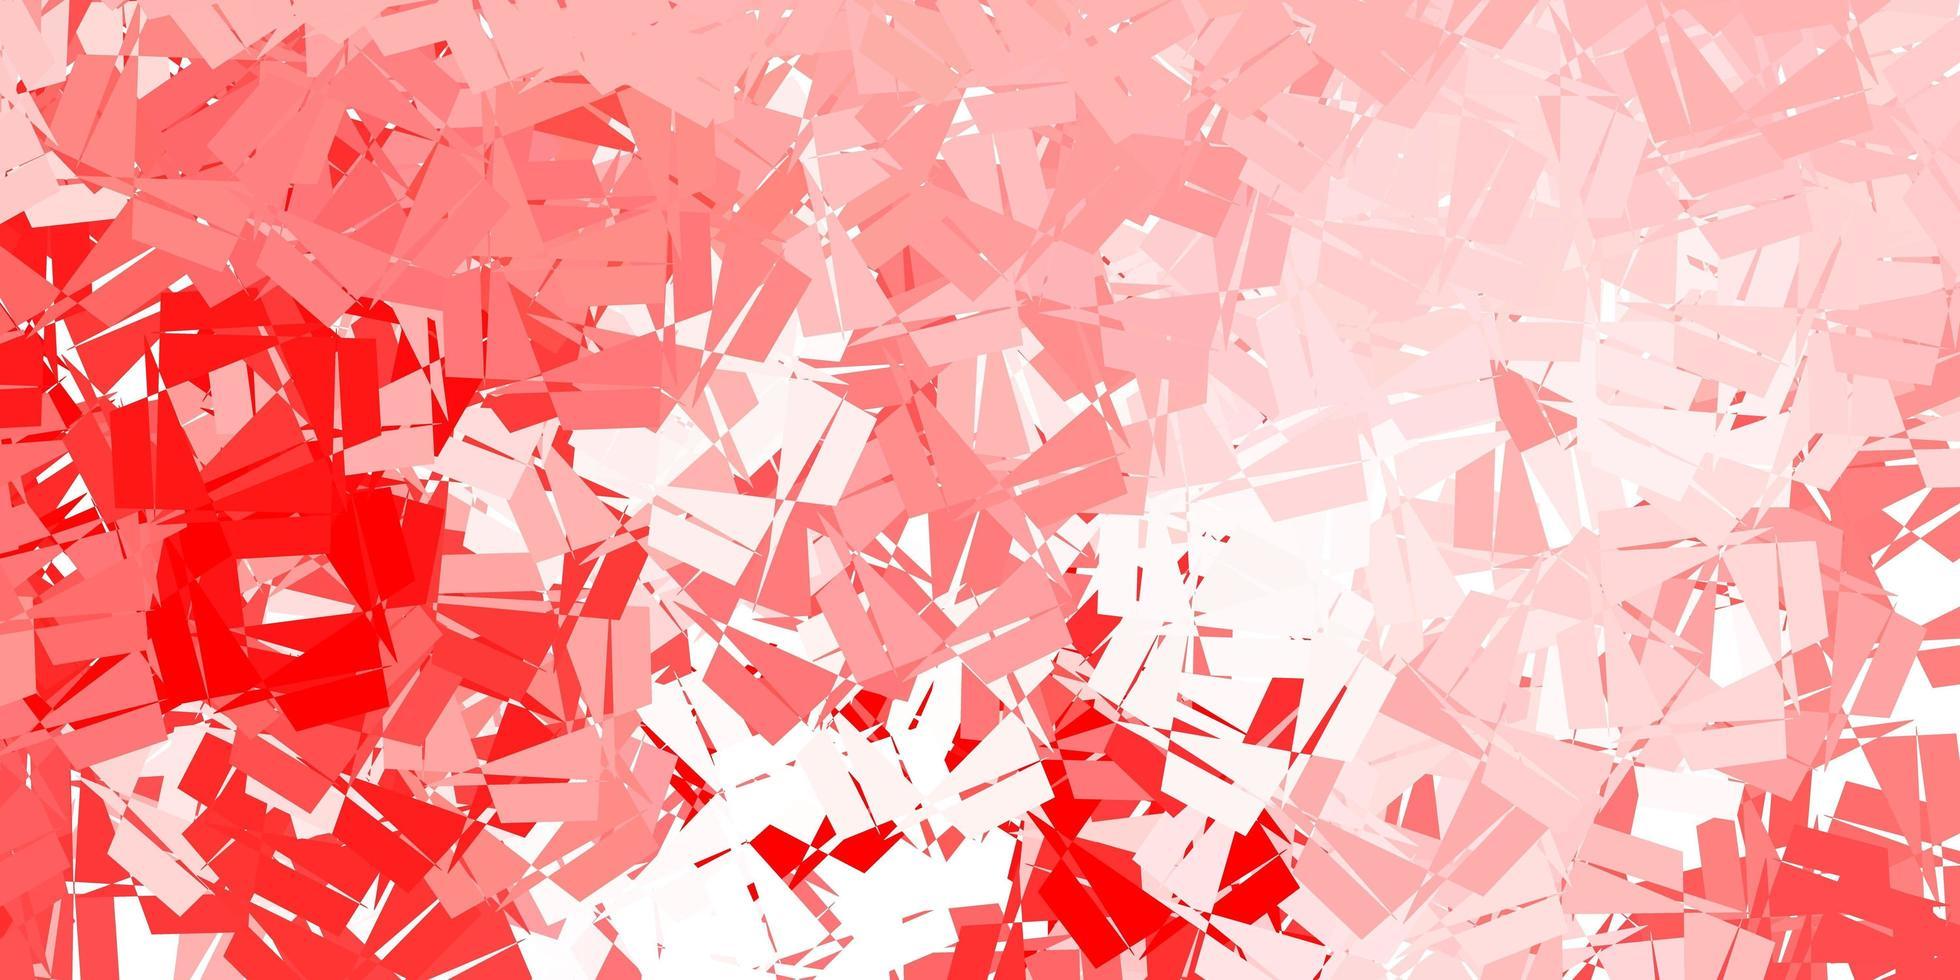 ljusröd vektor abstrakt triangel mönster.